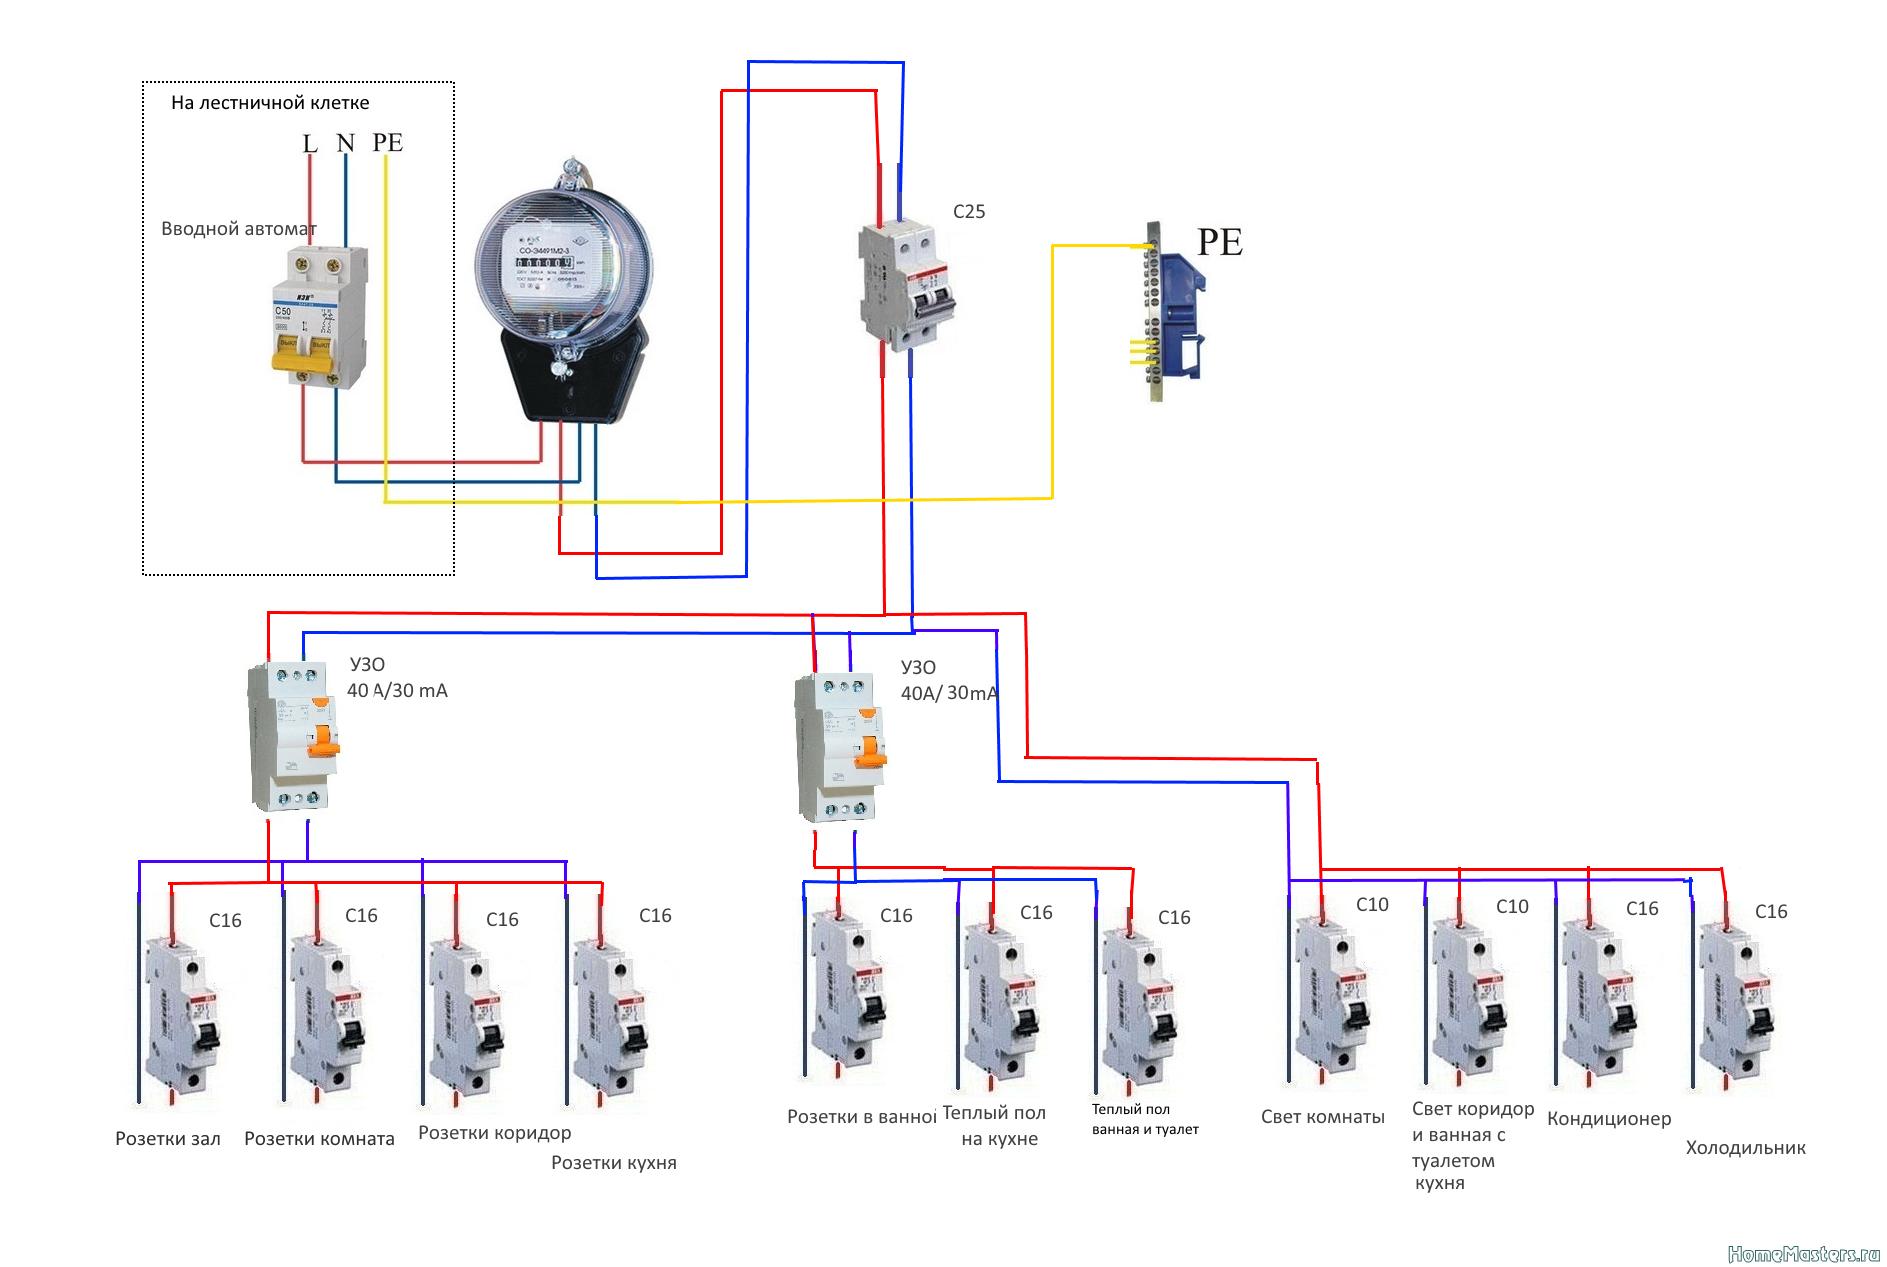 Однофазный индукционный счетчик схема подключения